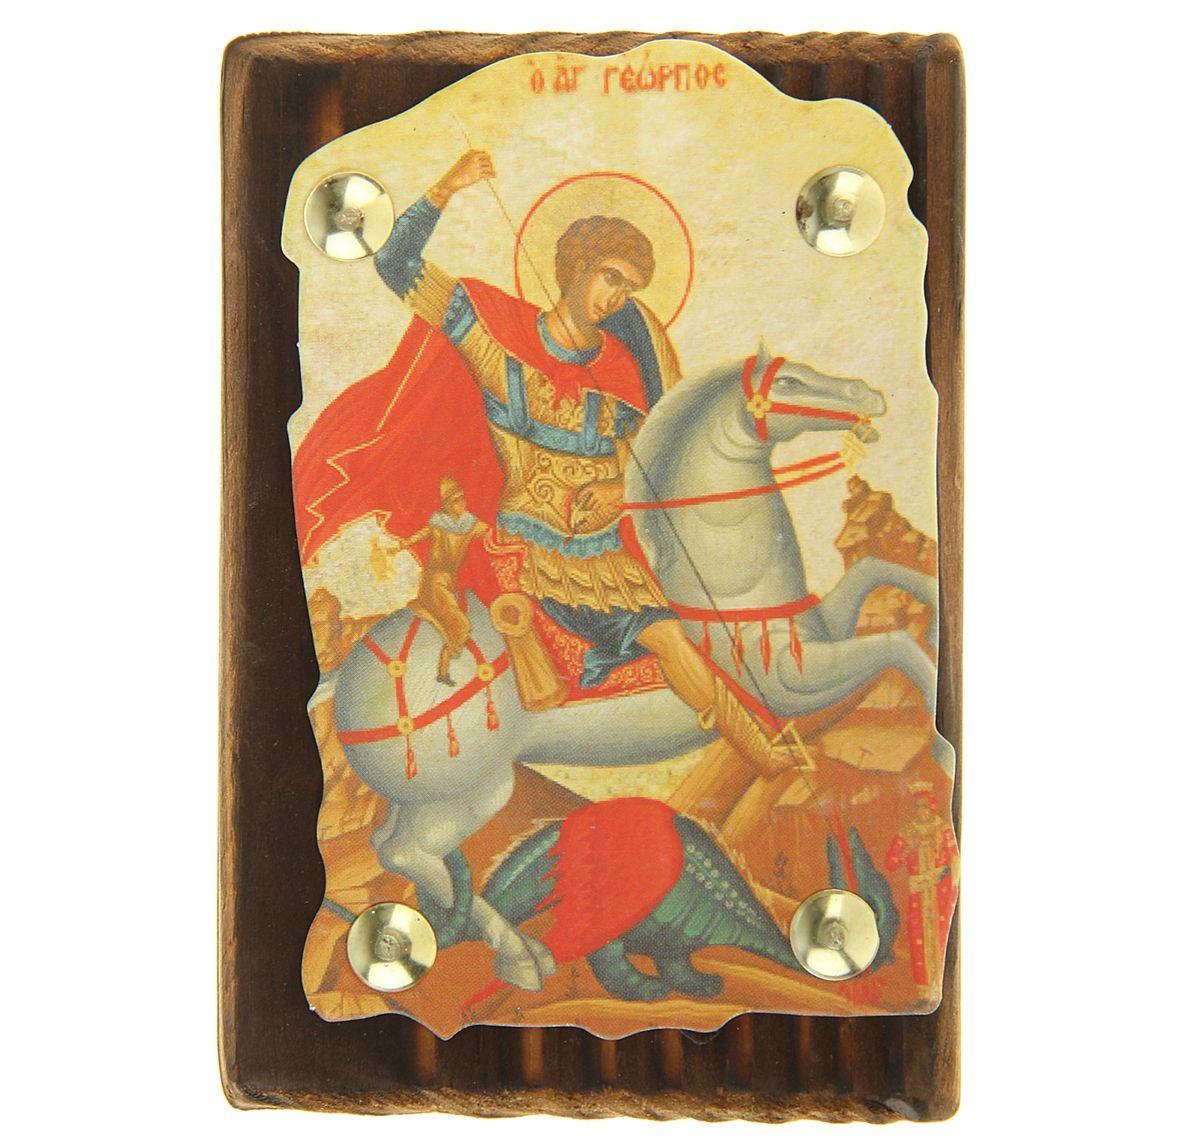 Икона Георгий Победоносец, 7,5 см х 11 смFS-80299Икона Георгий Победоносец выполнена из картона, с нанесенным изображением, который крепиться на деревянную дощечку, обработанную огнем. На обратной стороне имеется отверстие, благодаря которому икону удобно вешать на стену. Изображенный образ полностью соответствует канонам Русской Православной Церкви. Такая икона будет прекрасным подарком с духовной составляющей.